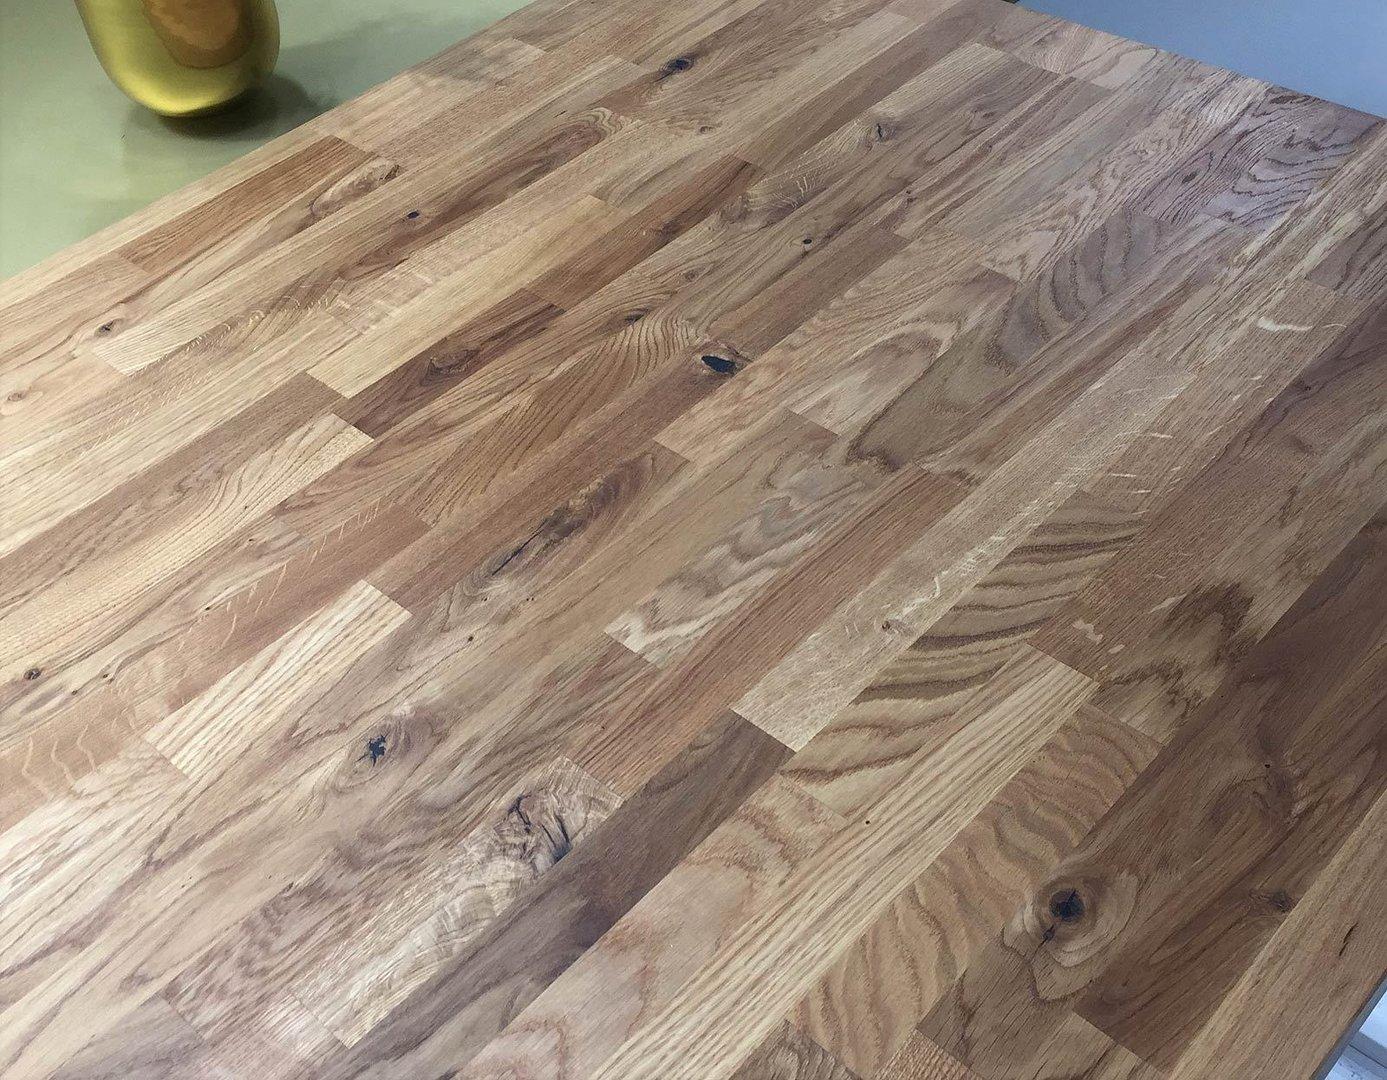 Arbeitsplatte kuchenarbeitsplatte massivholz wildeiche for Arbeitsplatte massivholz eiche